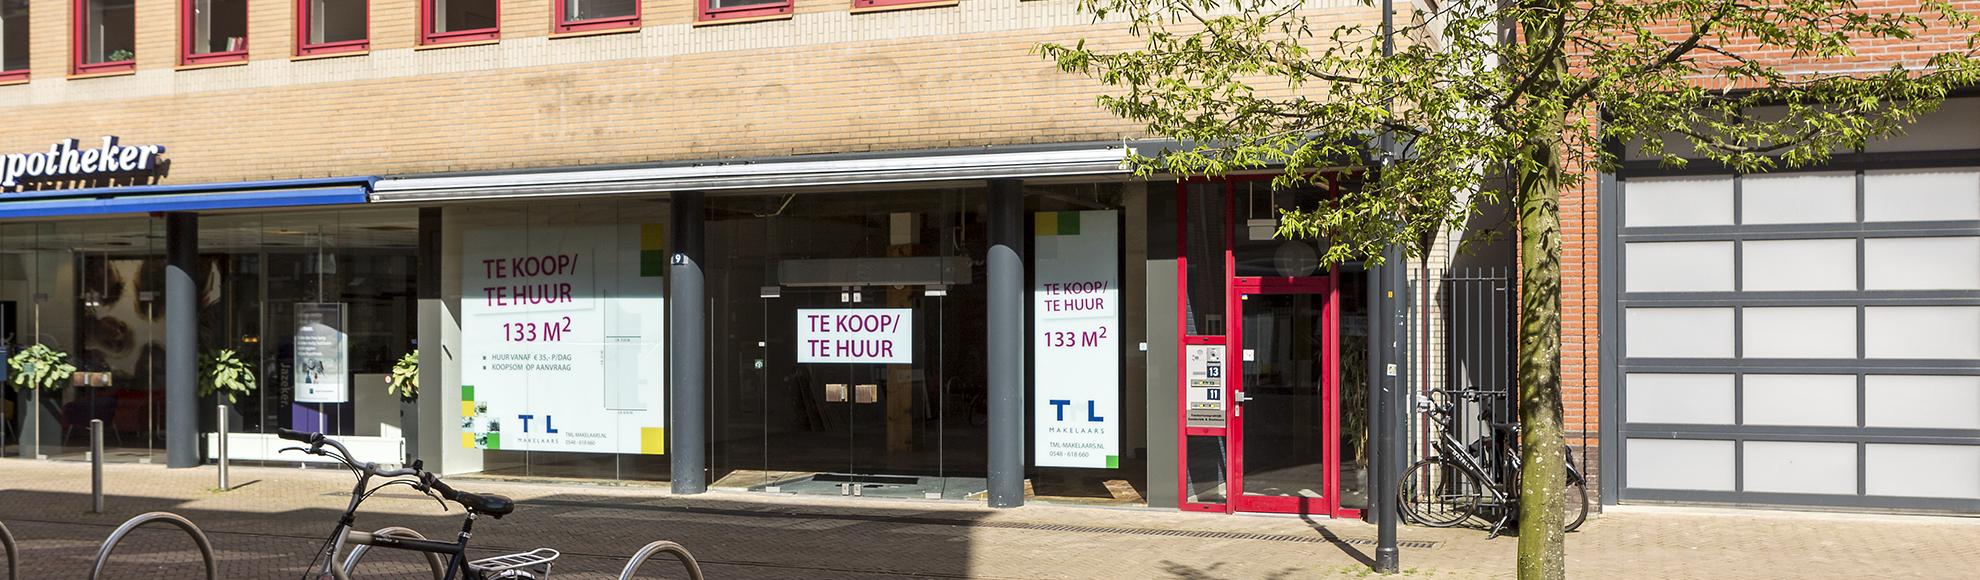 Vastgoed Stegeman winkelpand Nijverdal te koop te huur